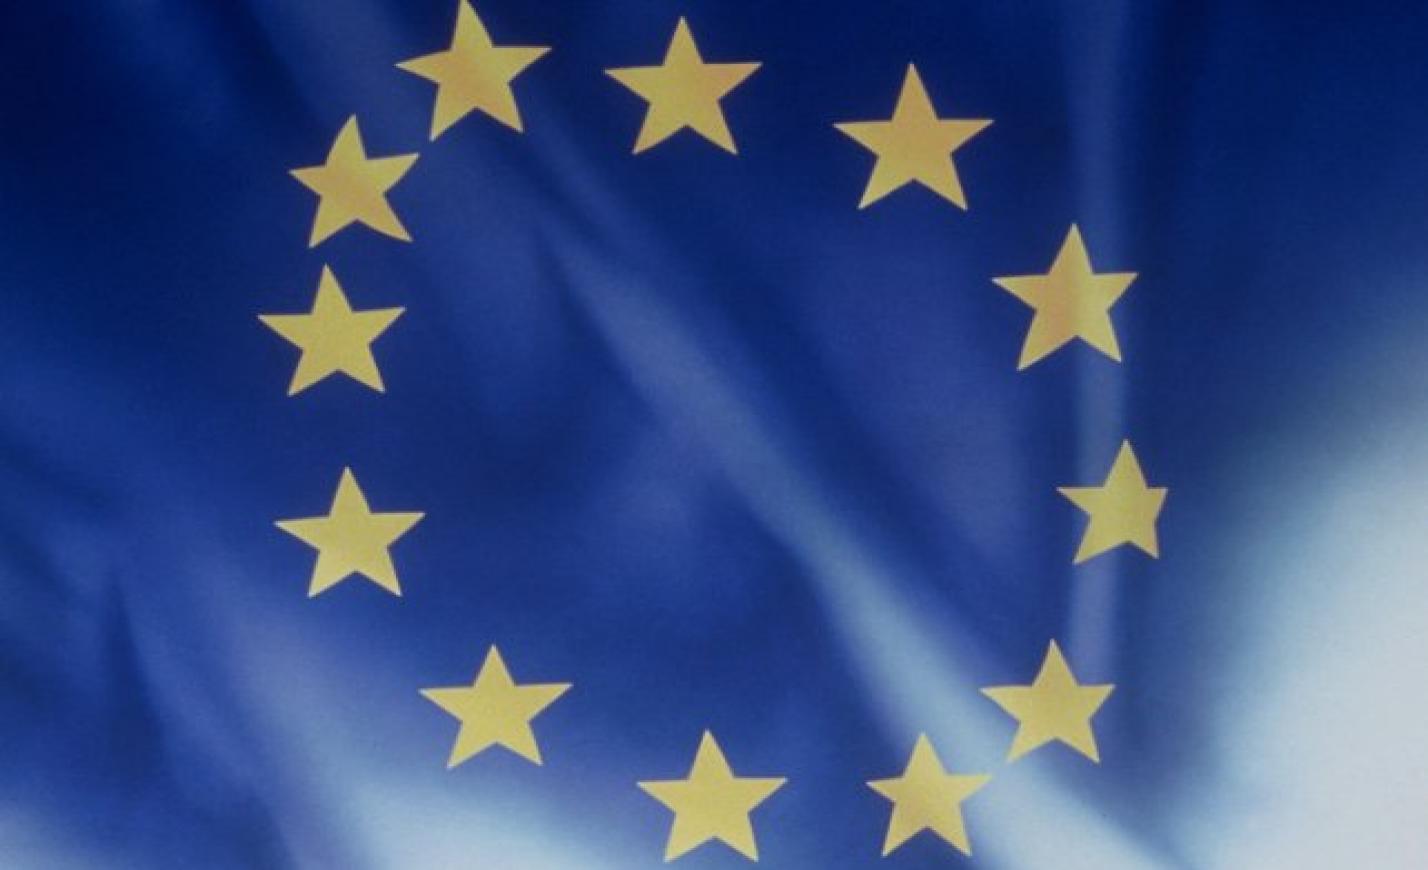 Felgyorsult az áremelkedés az euróövezetben